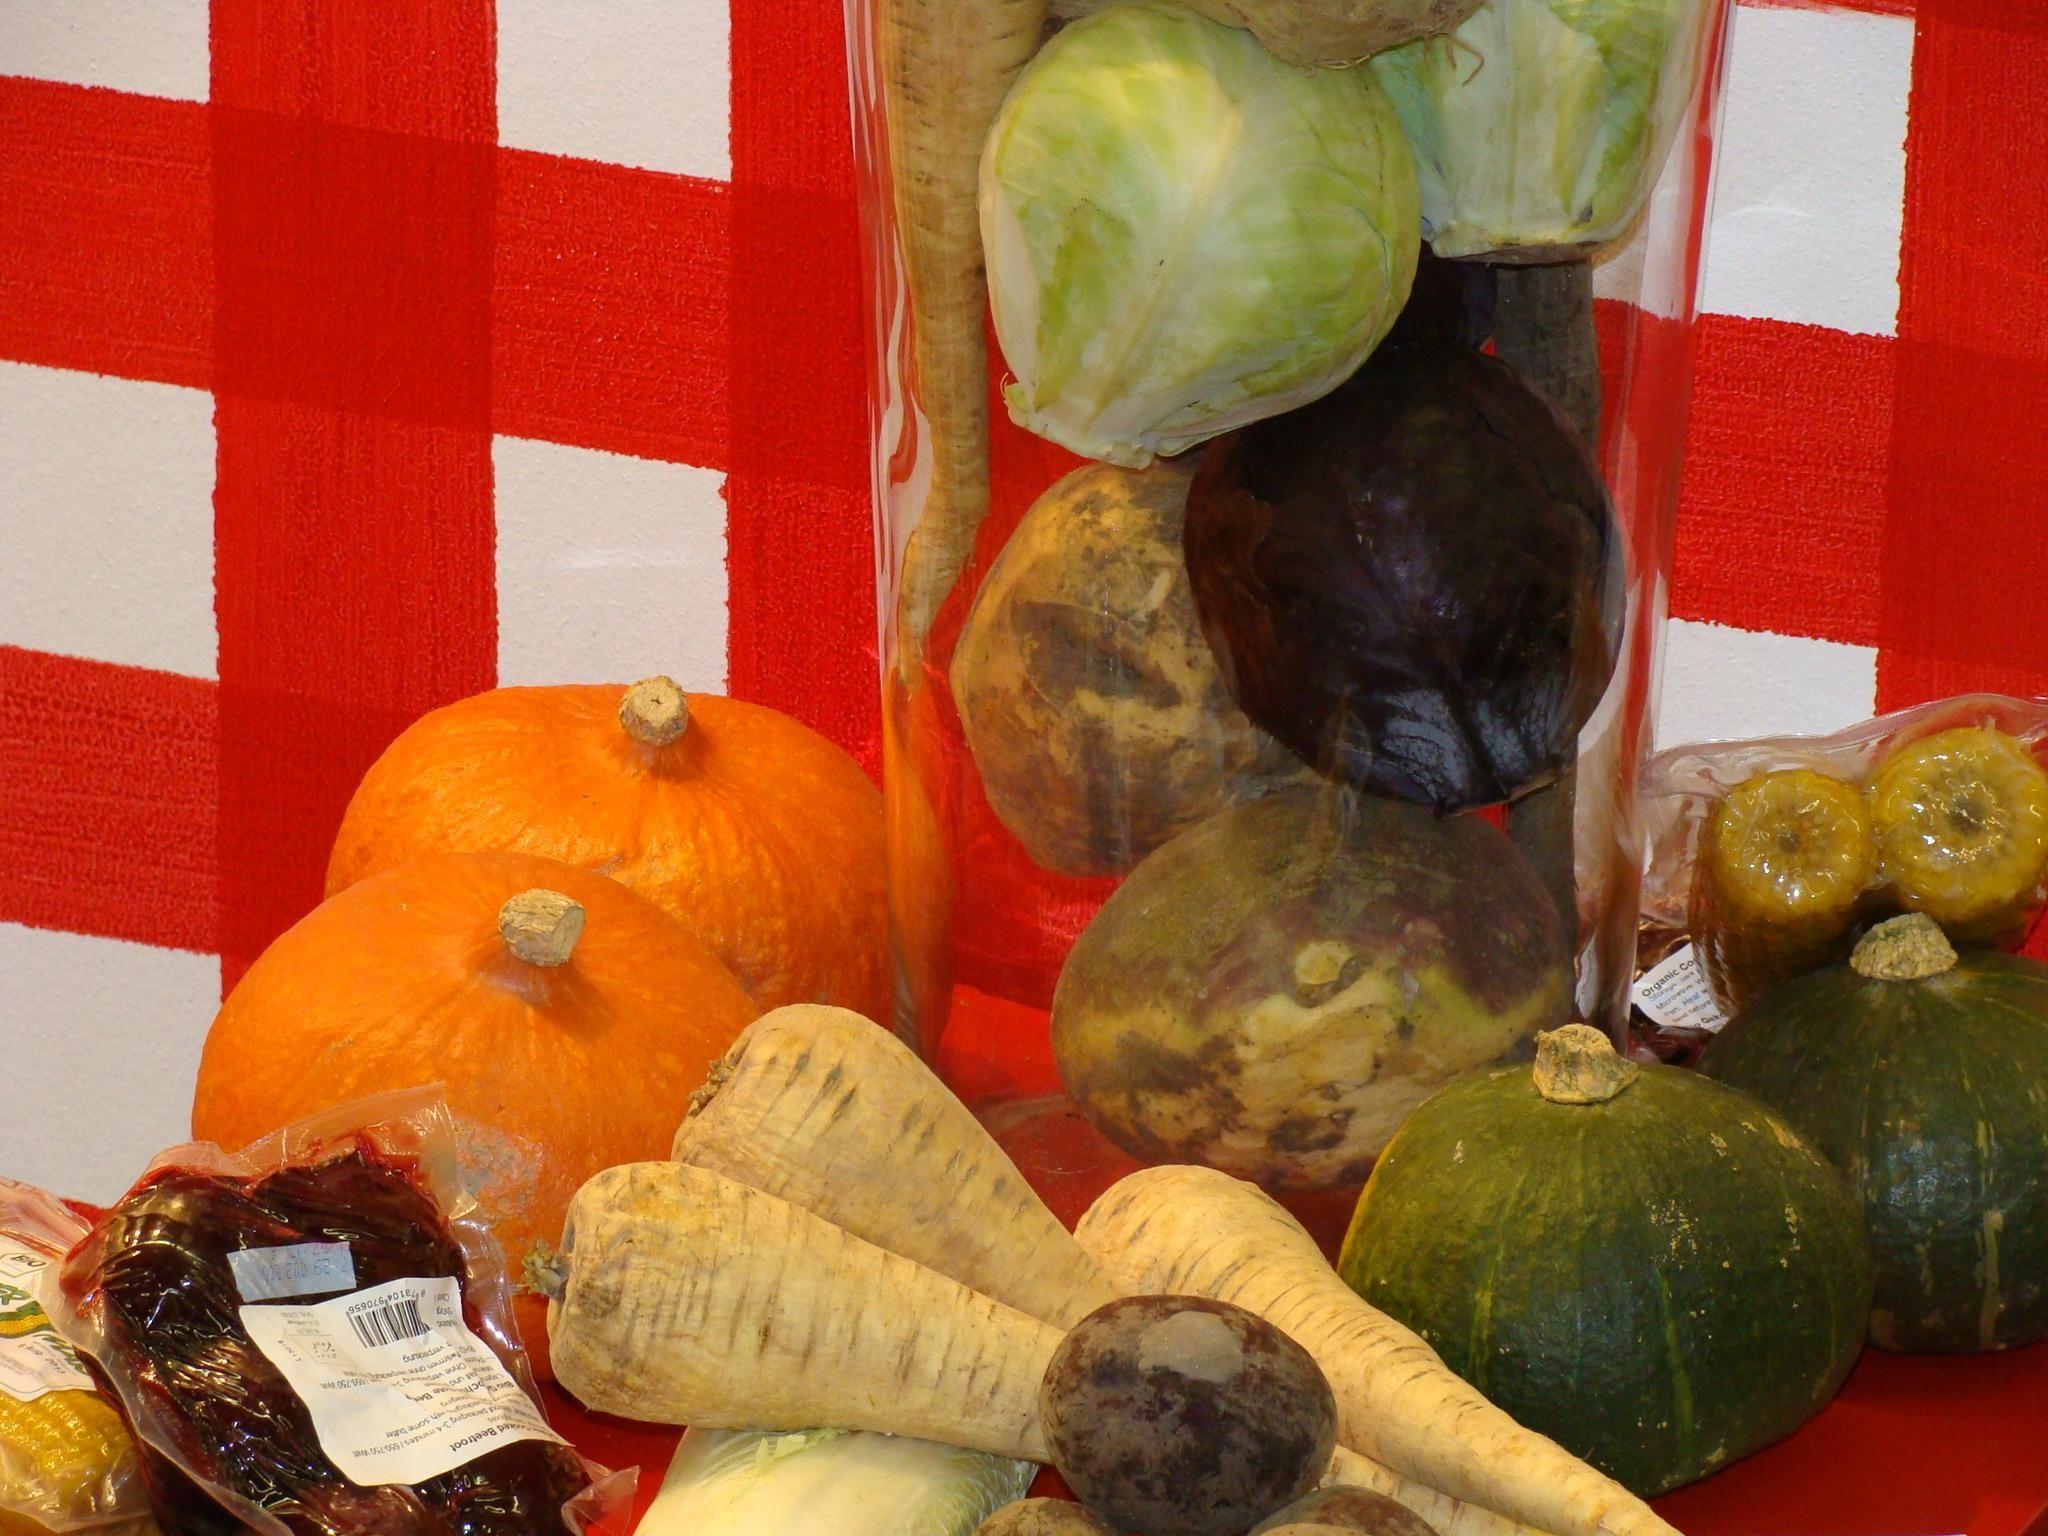 Programul de comanda si livrare a legumelor si fructelor bio proaspete